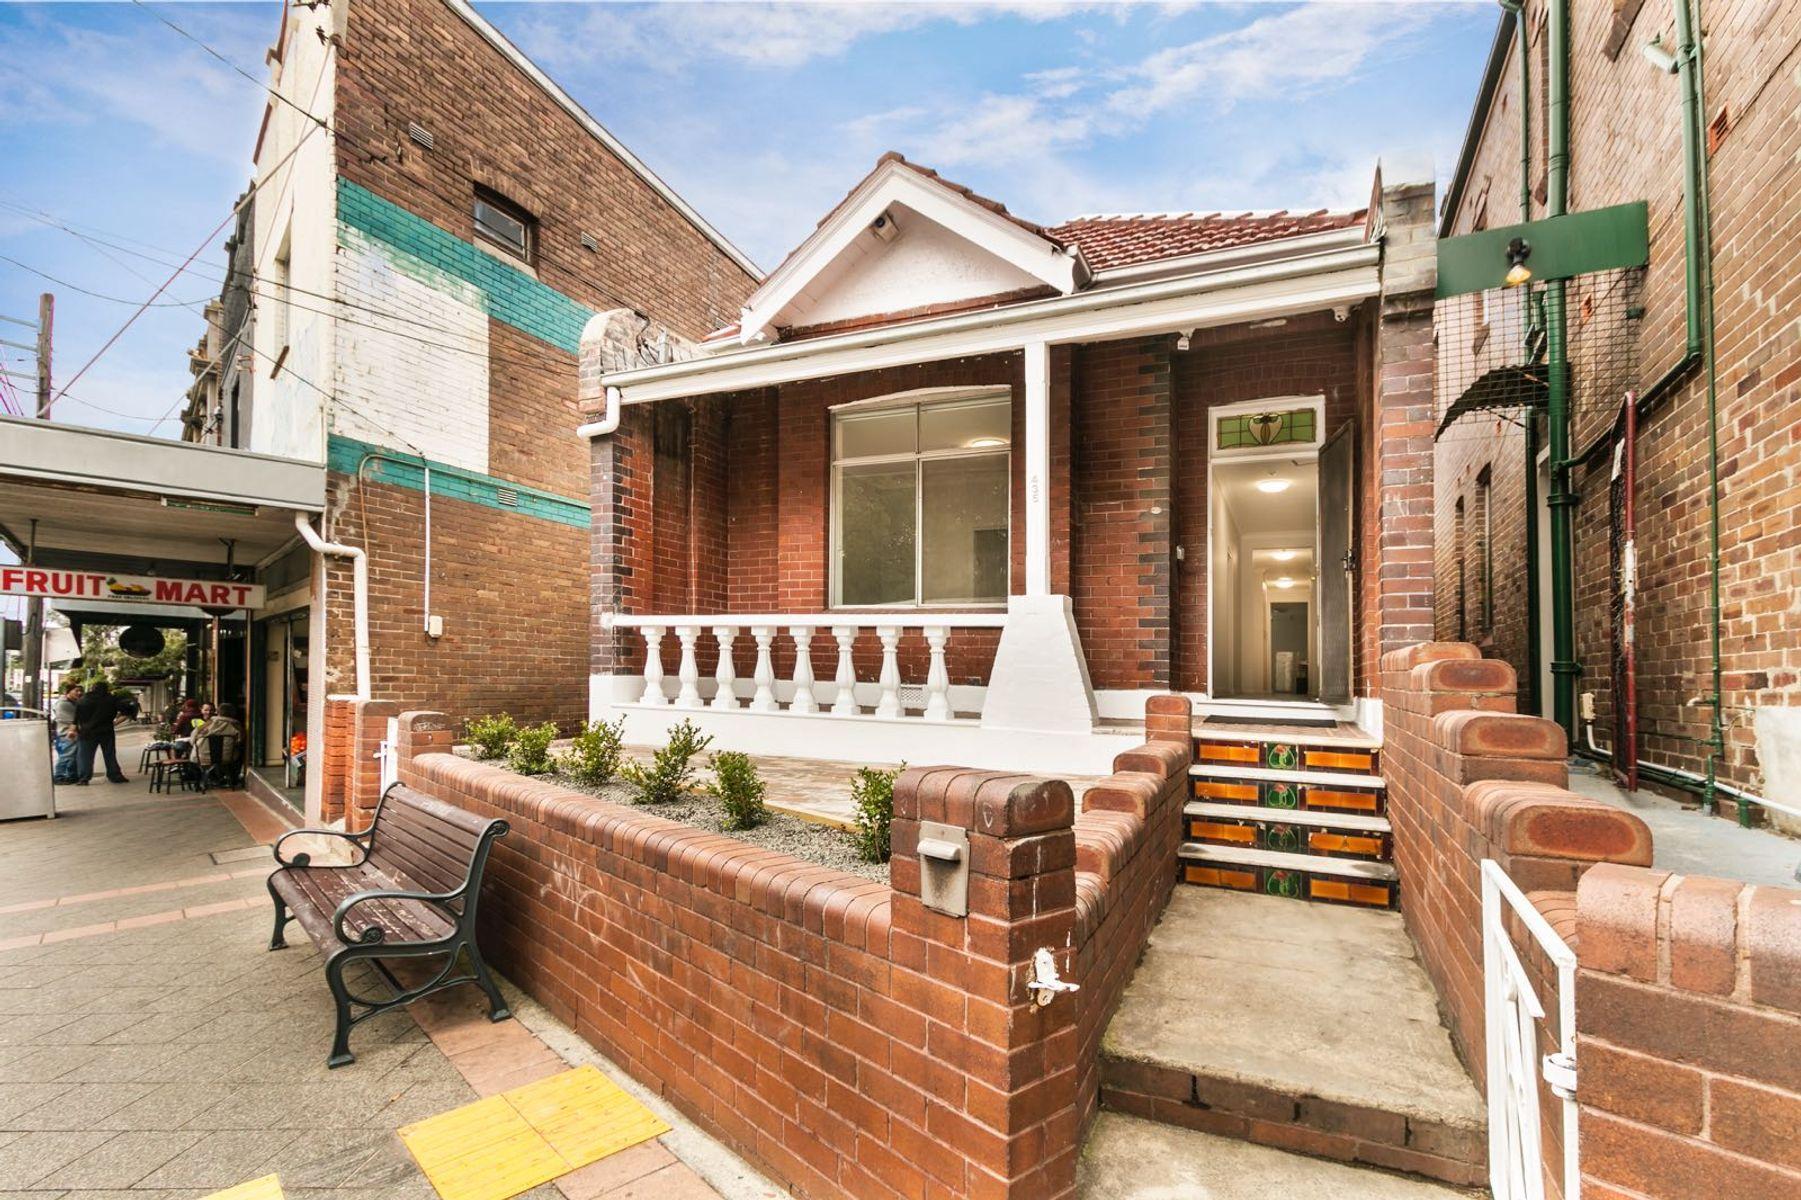 4/435 Illawarra Road, Marrickville, NSW 2204